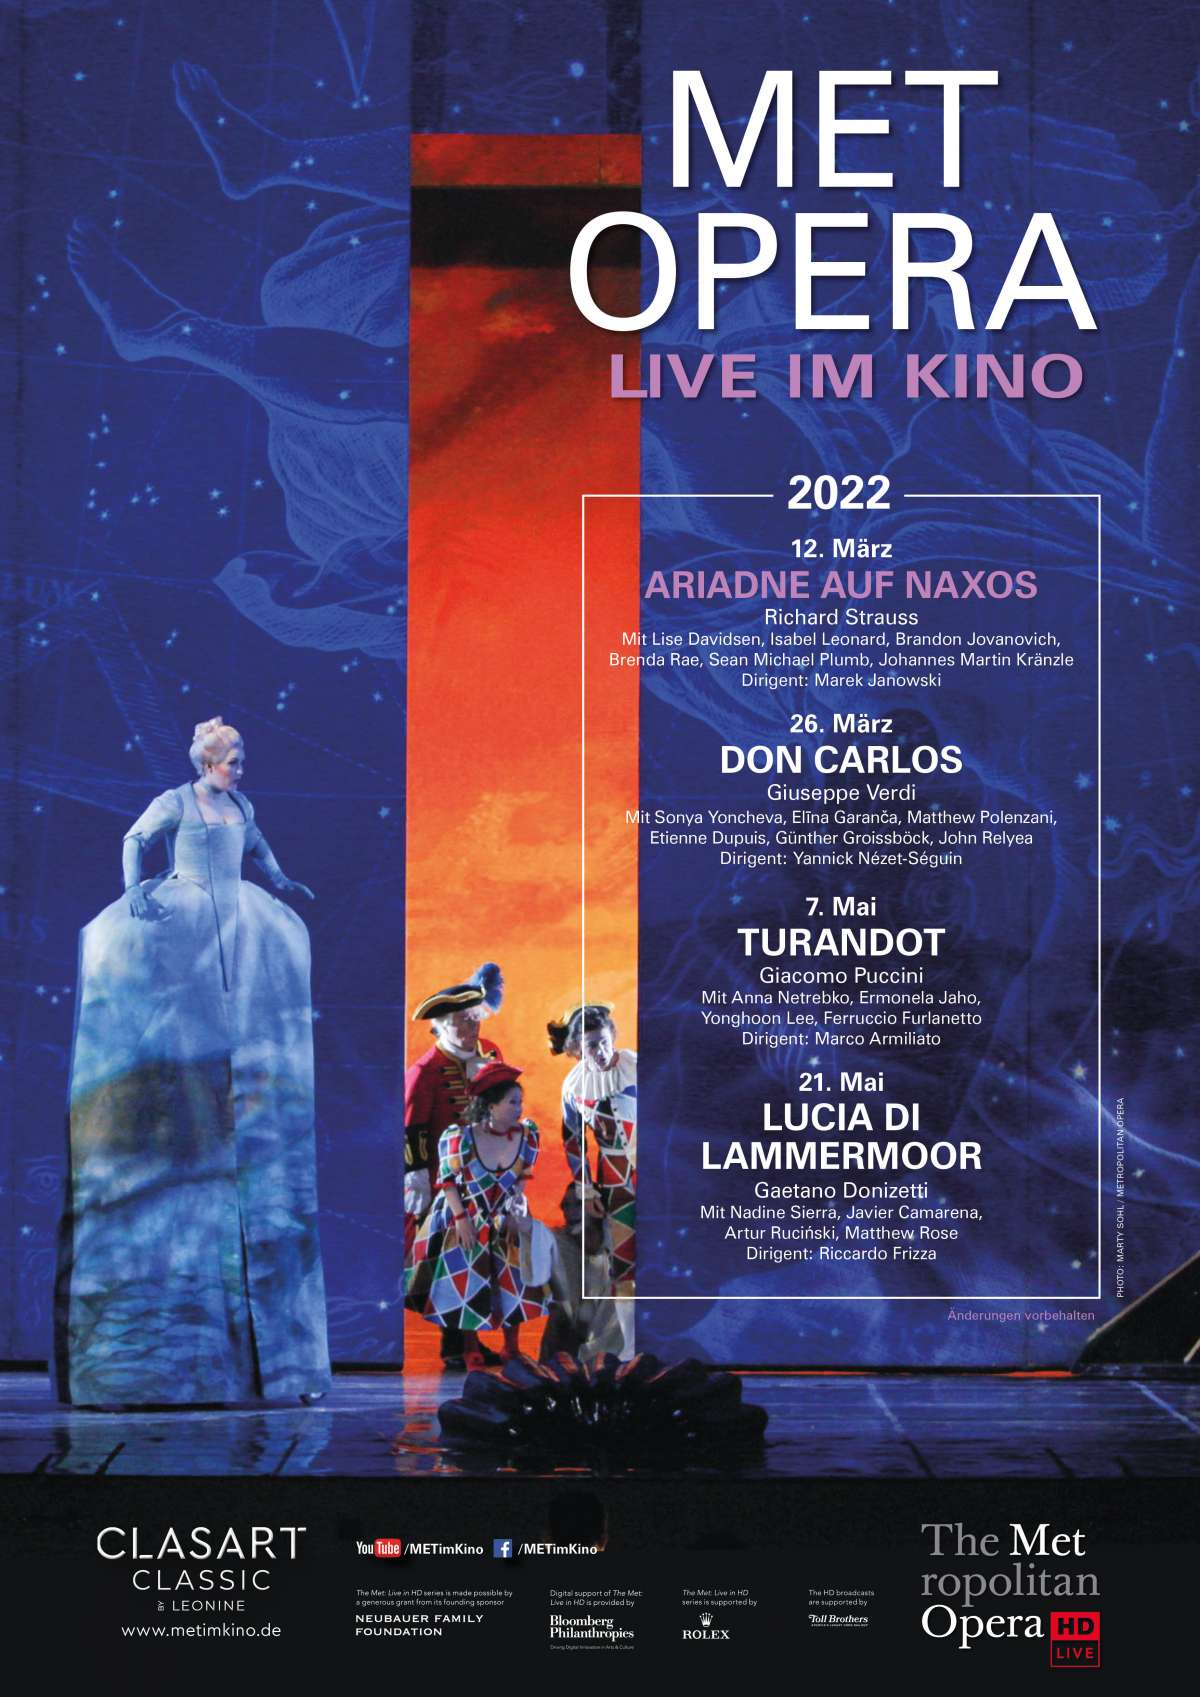 Met Opera: Ariadne Auf Naxos (Richard Strauss)